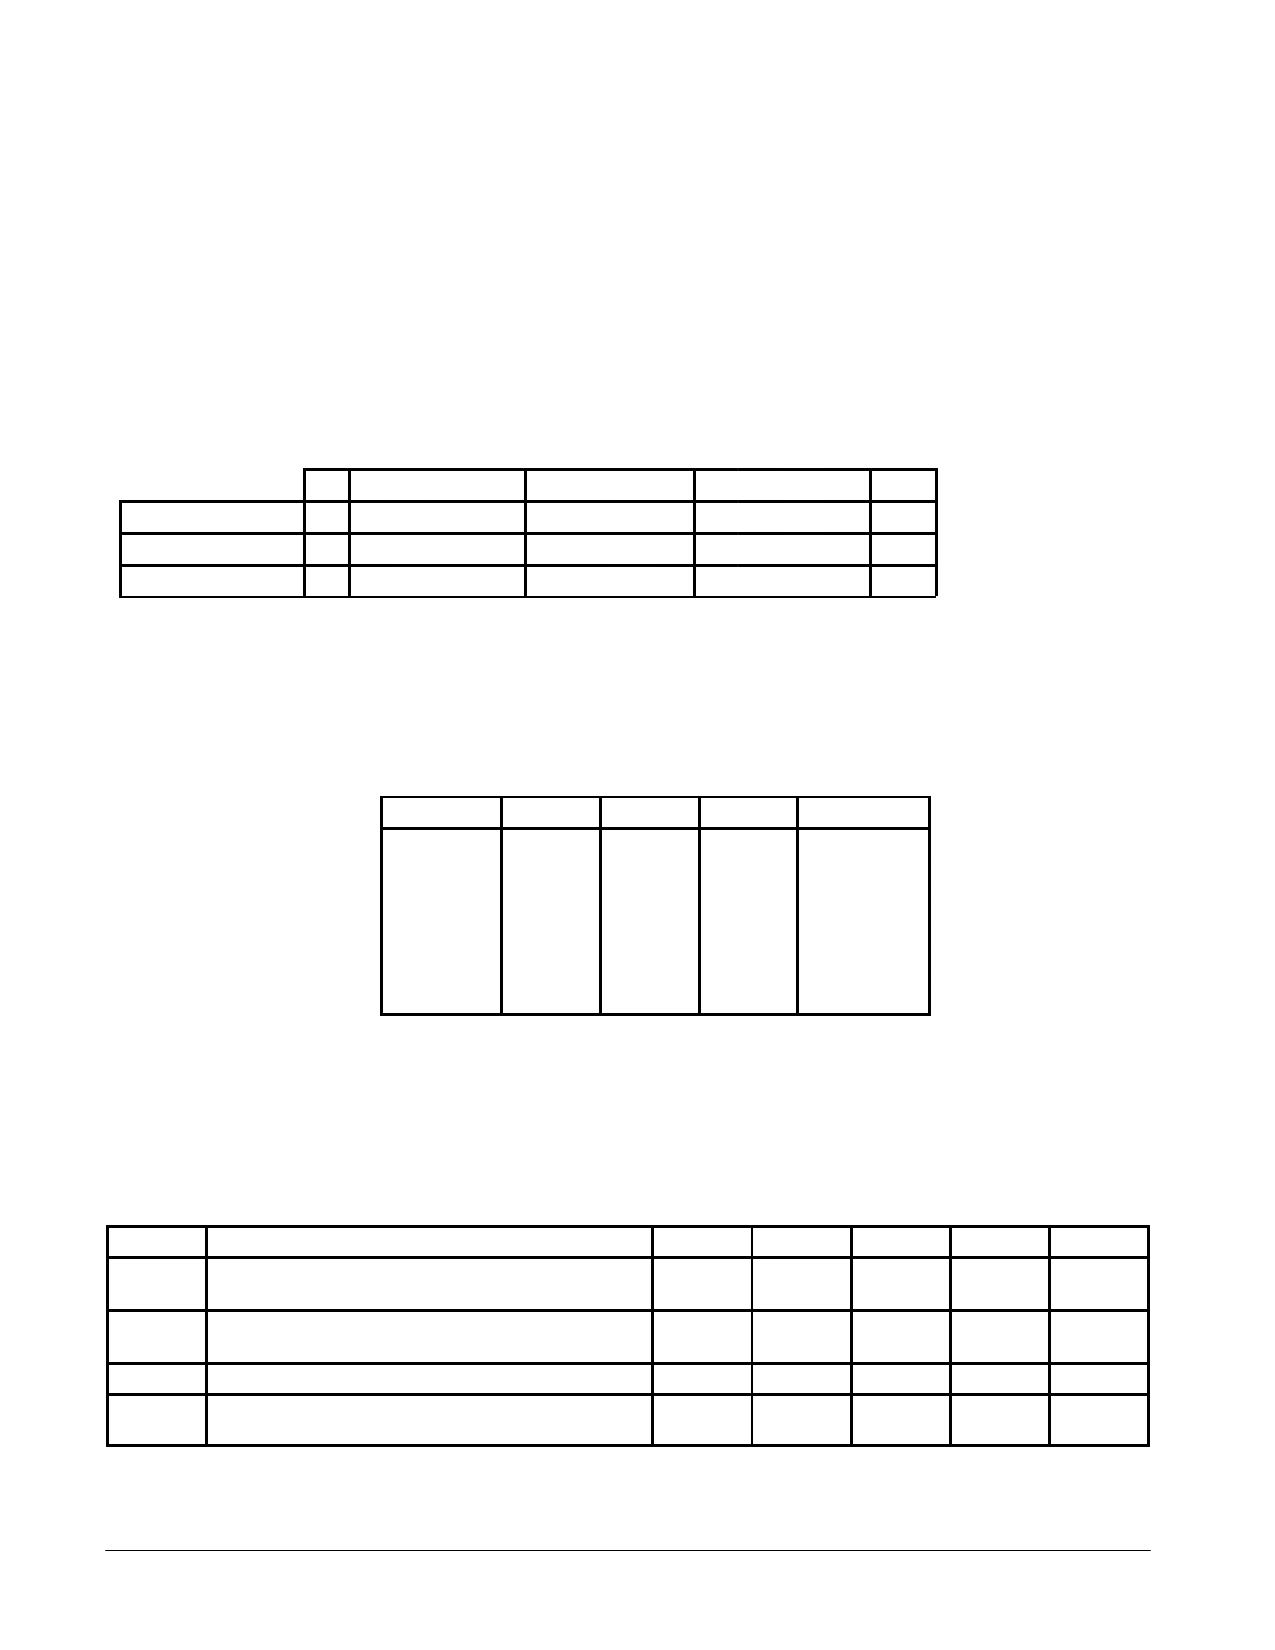 74LS83A pdf, schematic